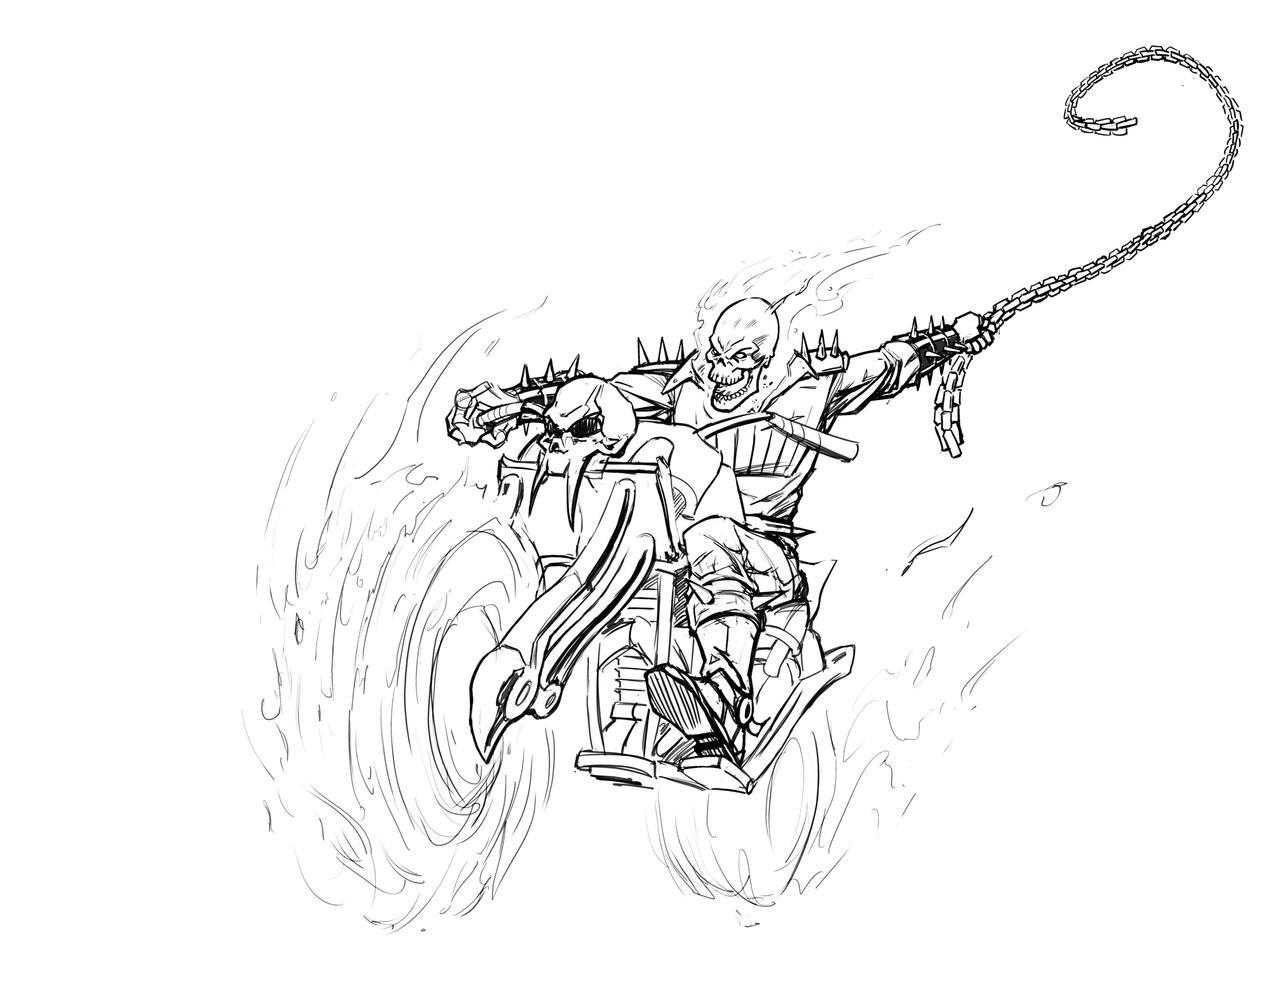 Ghost Rider Sketch By Freddylupus On DeviantArt